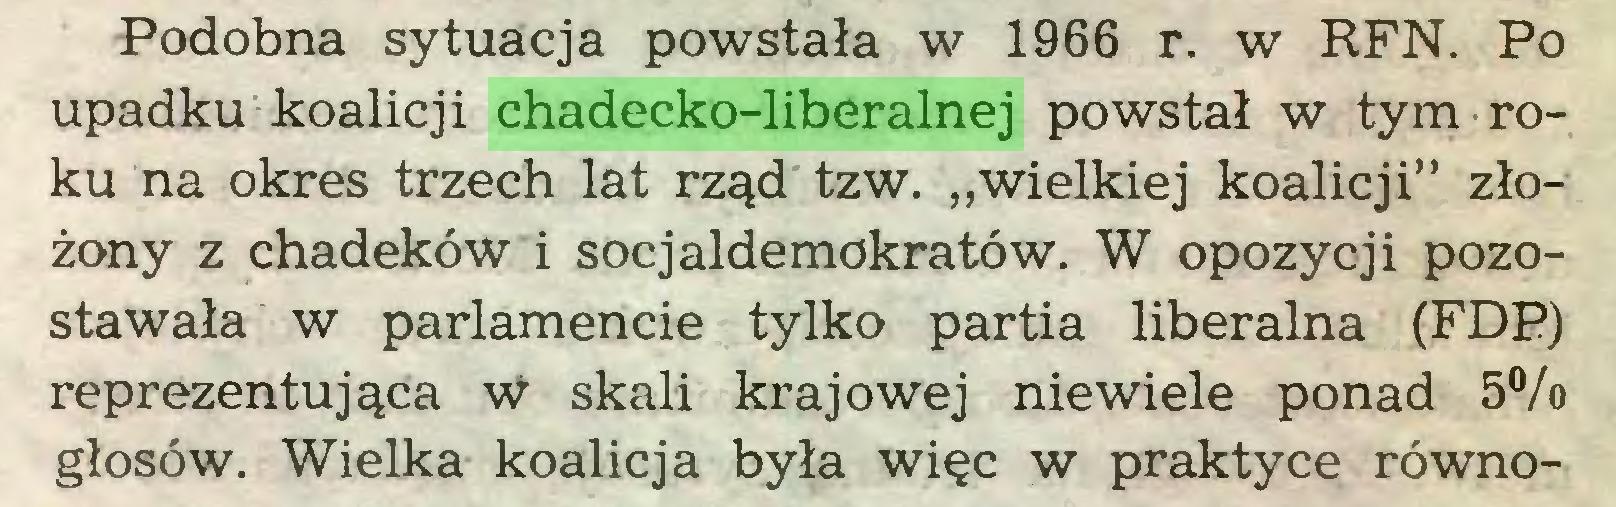 """(...) Podobna sytuacja powstała w 1966 r. w RFN. Po upadku koalicji chadecko-liberalnej powstał w tym roku na okres trzech lat rząd tzw. """"wielkiej koalicji"""" złożony z chadeków i socjaldemokratów. W opozycji pozostawała w parlamencie tylko partia liberalna (FDP) reprezentująca W skali krajowej niewiele ponad 5°/o głosów. Wielka koalicja była więc w praktyce równo..."""